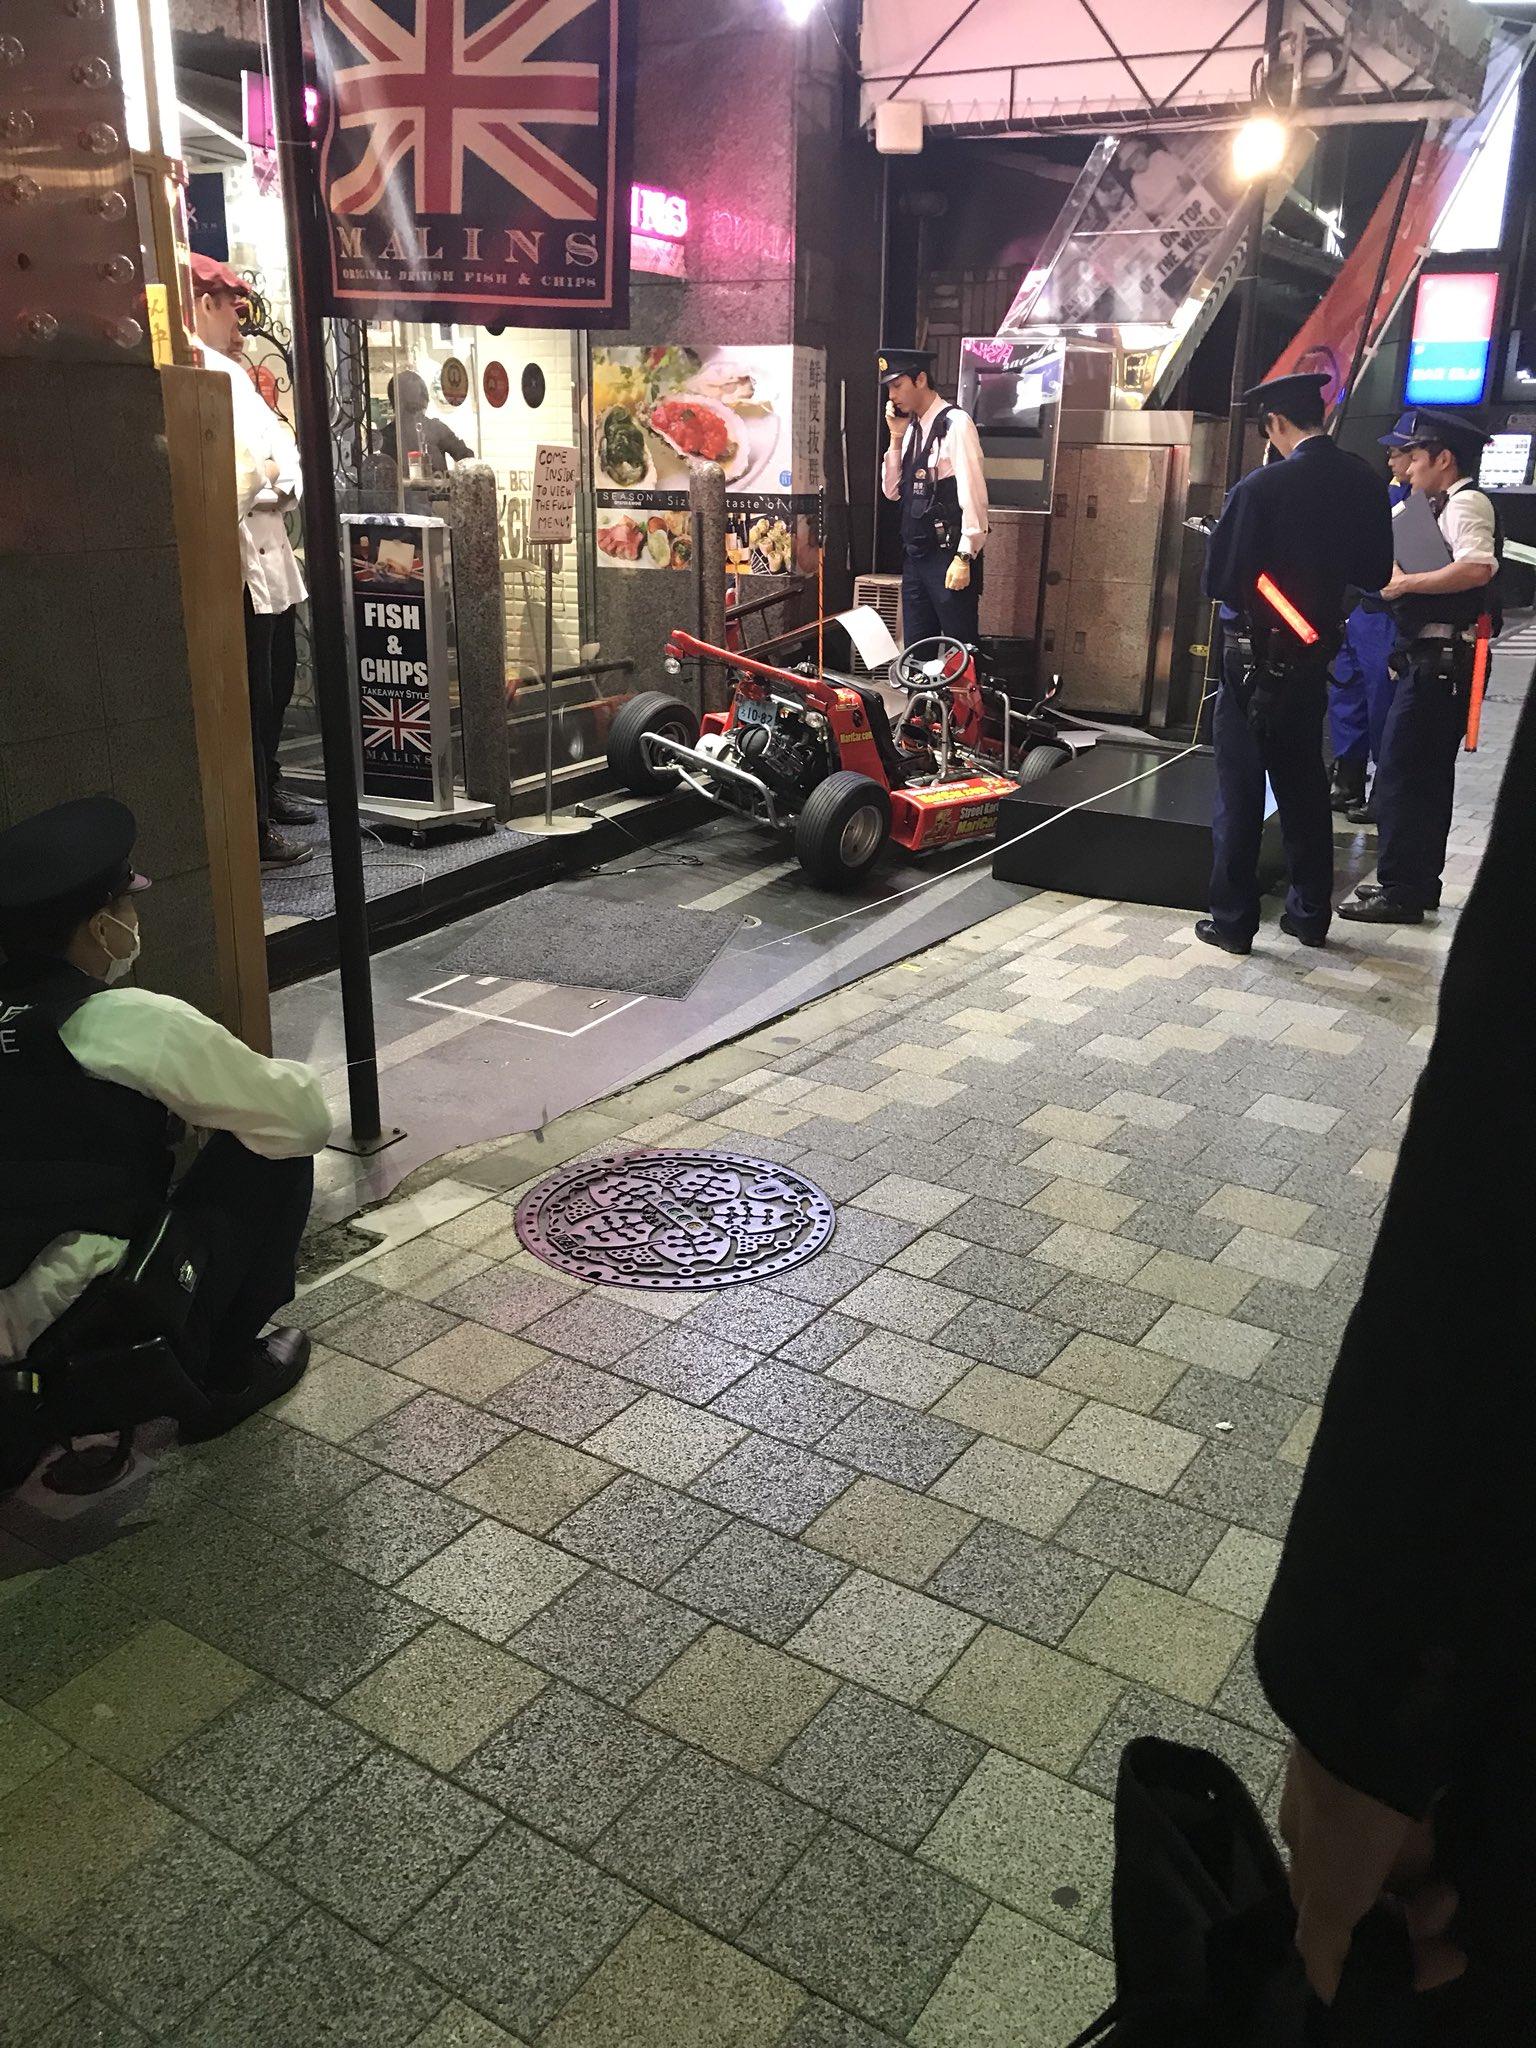 画像,マリオカートが事故してる❗️ https://t.co/t6ZFOaiPRV。